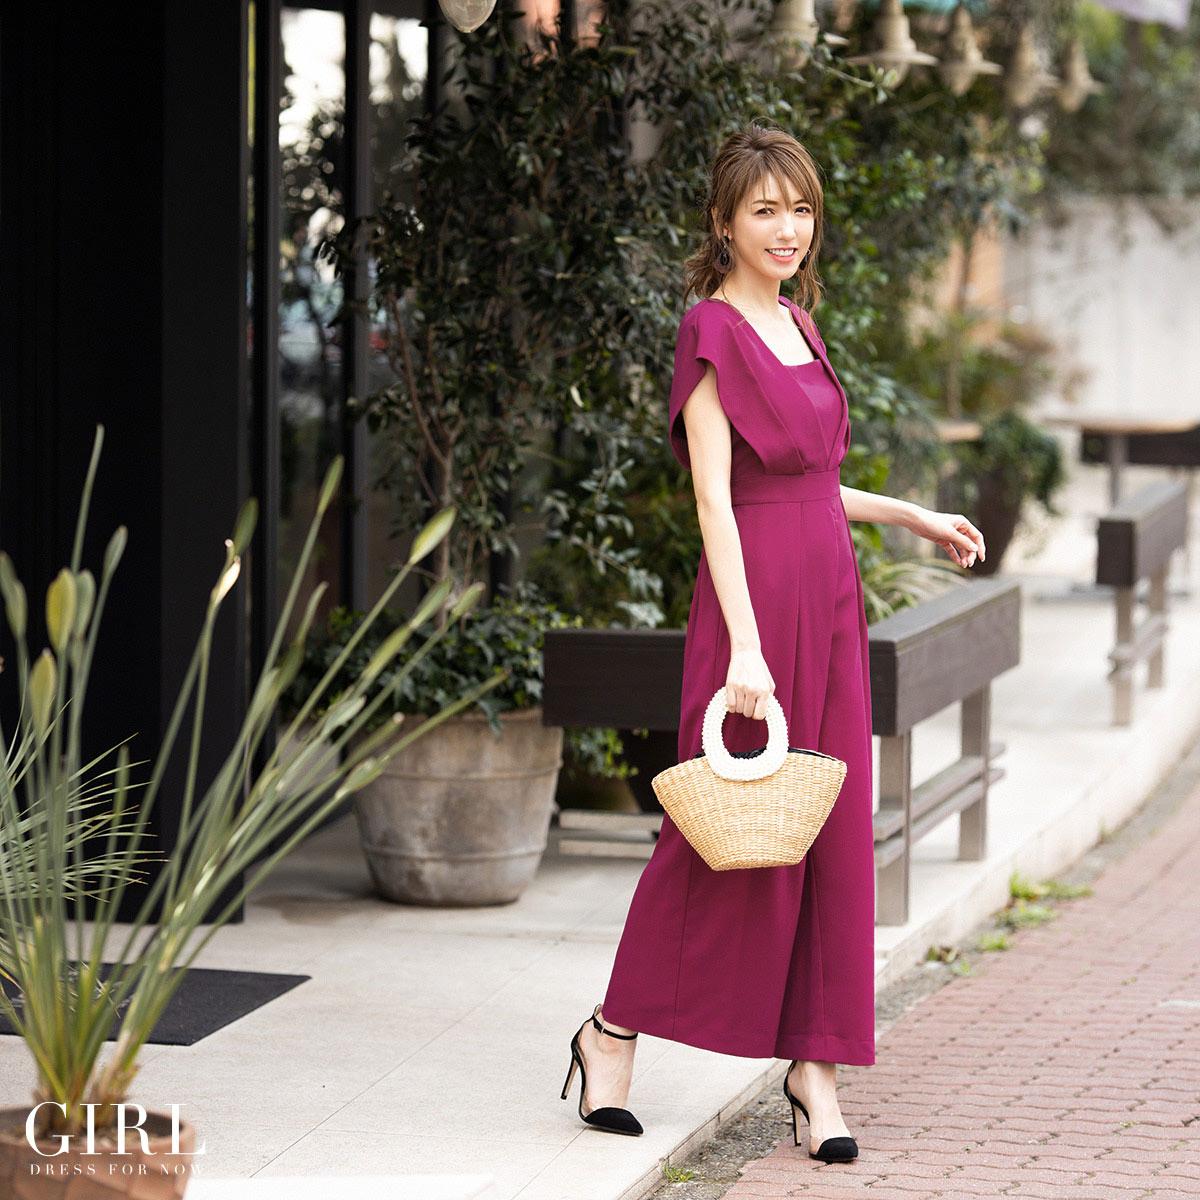 f470ac91169 パンツドレス · #スレンダーライン · #大きいサイズ · #体型カバー · #エレガント · #7,000円台(税込) · #袖付き · #半袖  · #結婚式 · #パーティー · #二次会